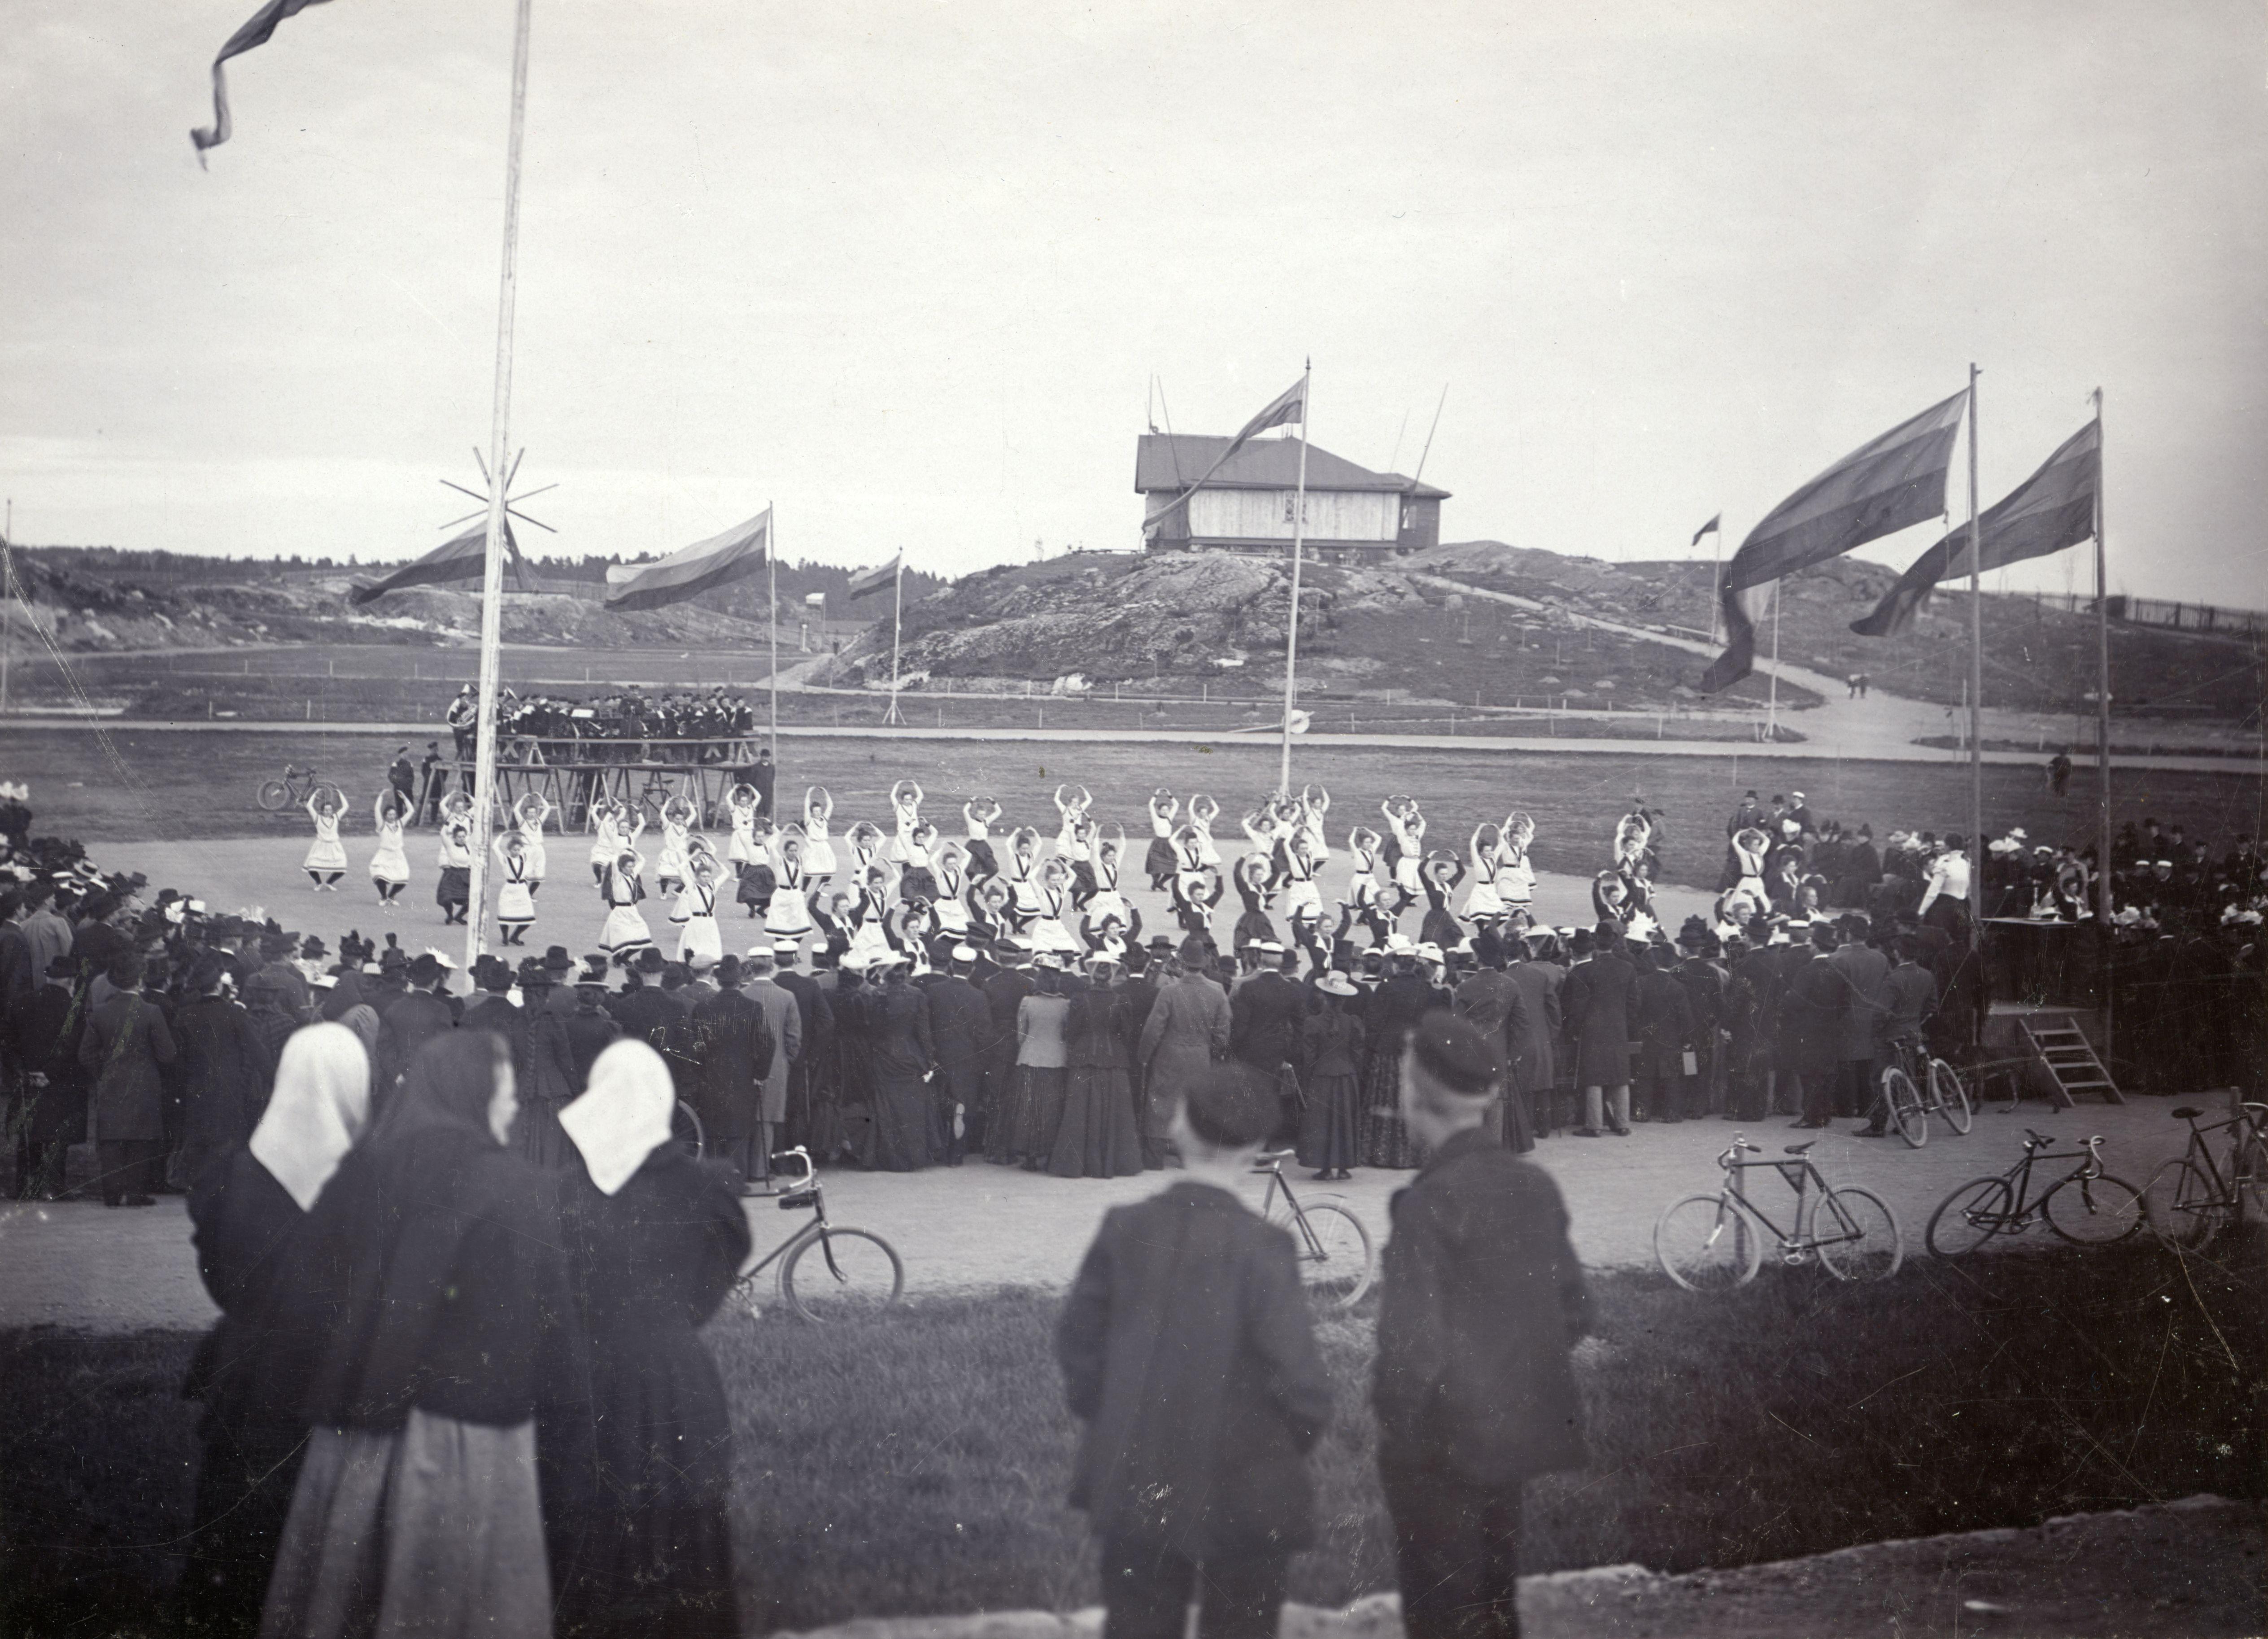 Naisvoimistelujuhla Turun Samppalinnassa 1899. (Suomen Urheilumuseo)